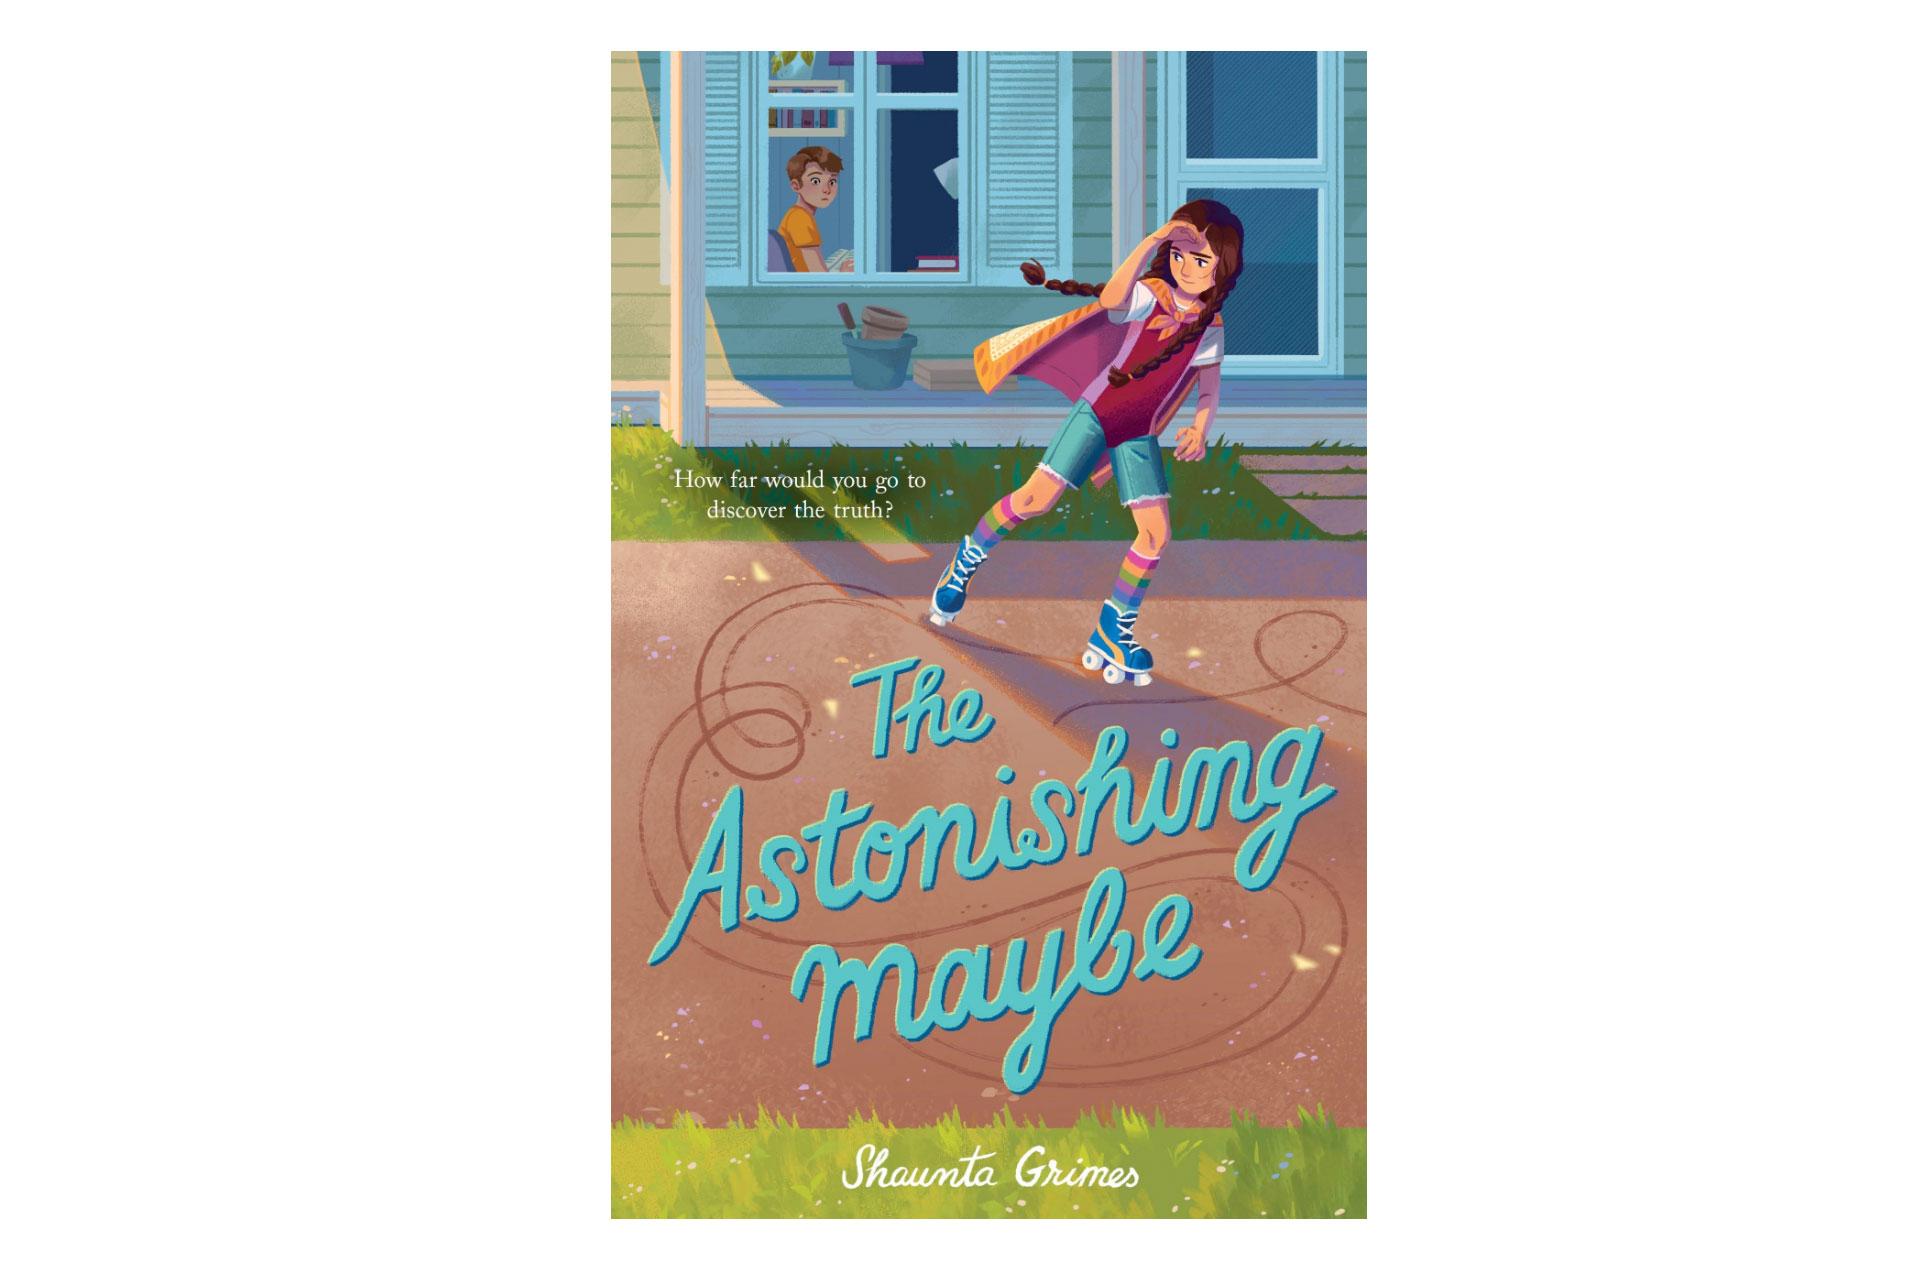 The Astonishing Maybe Book; Courtesy of Amazon